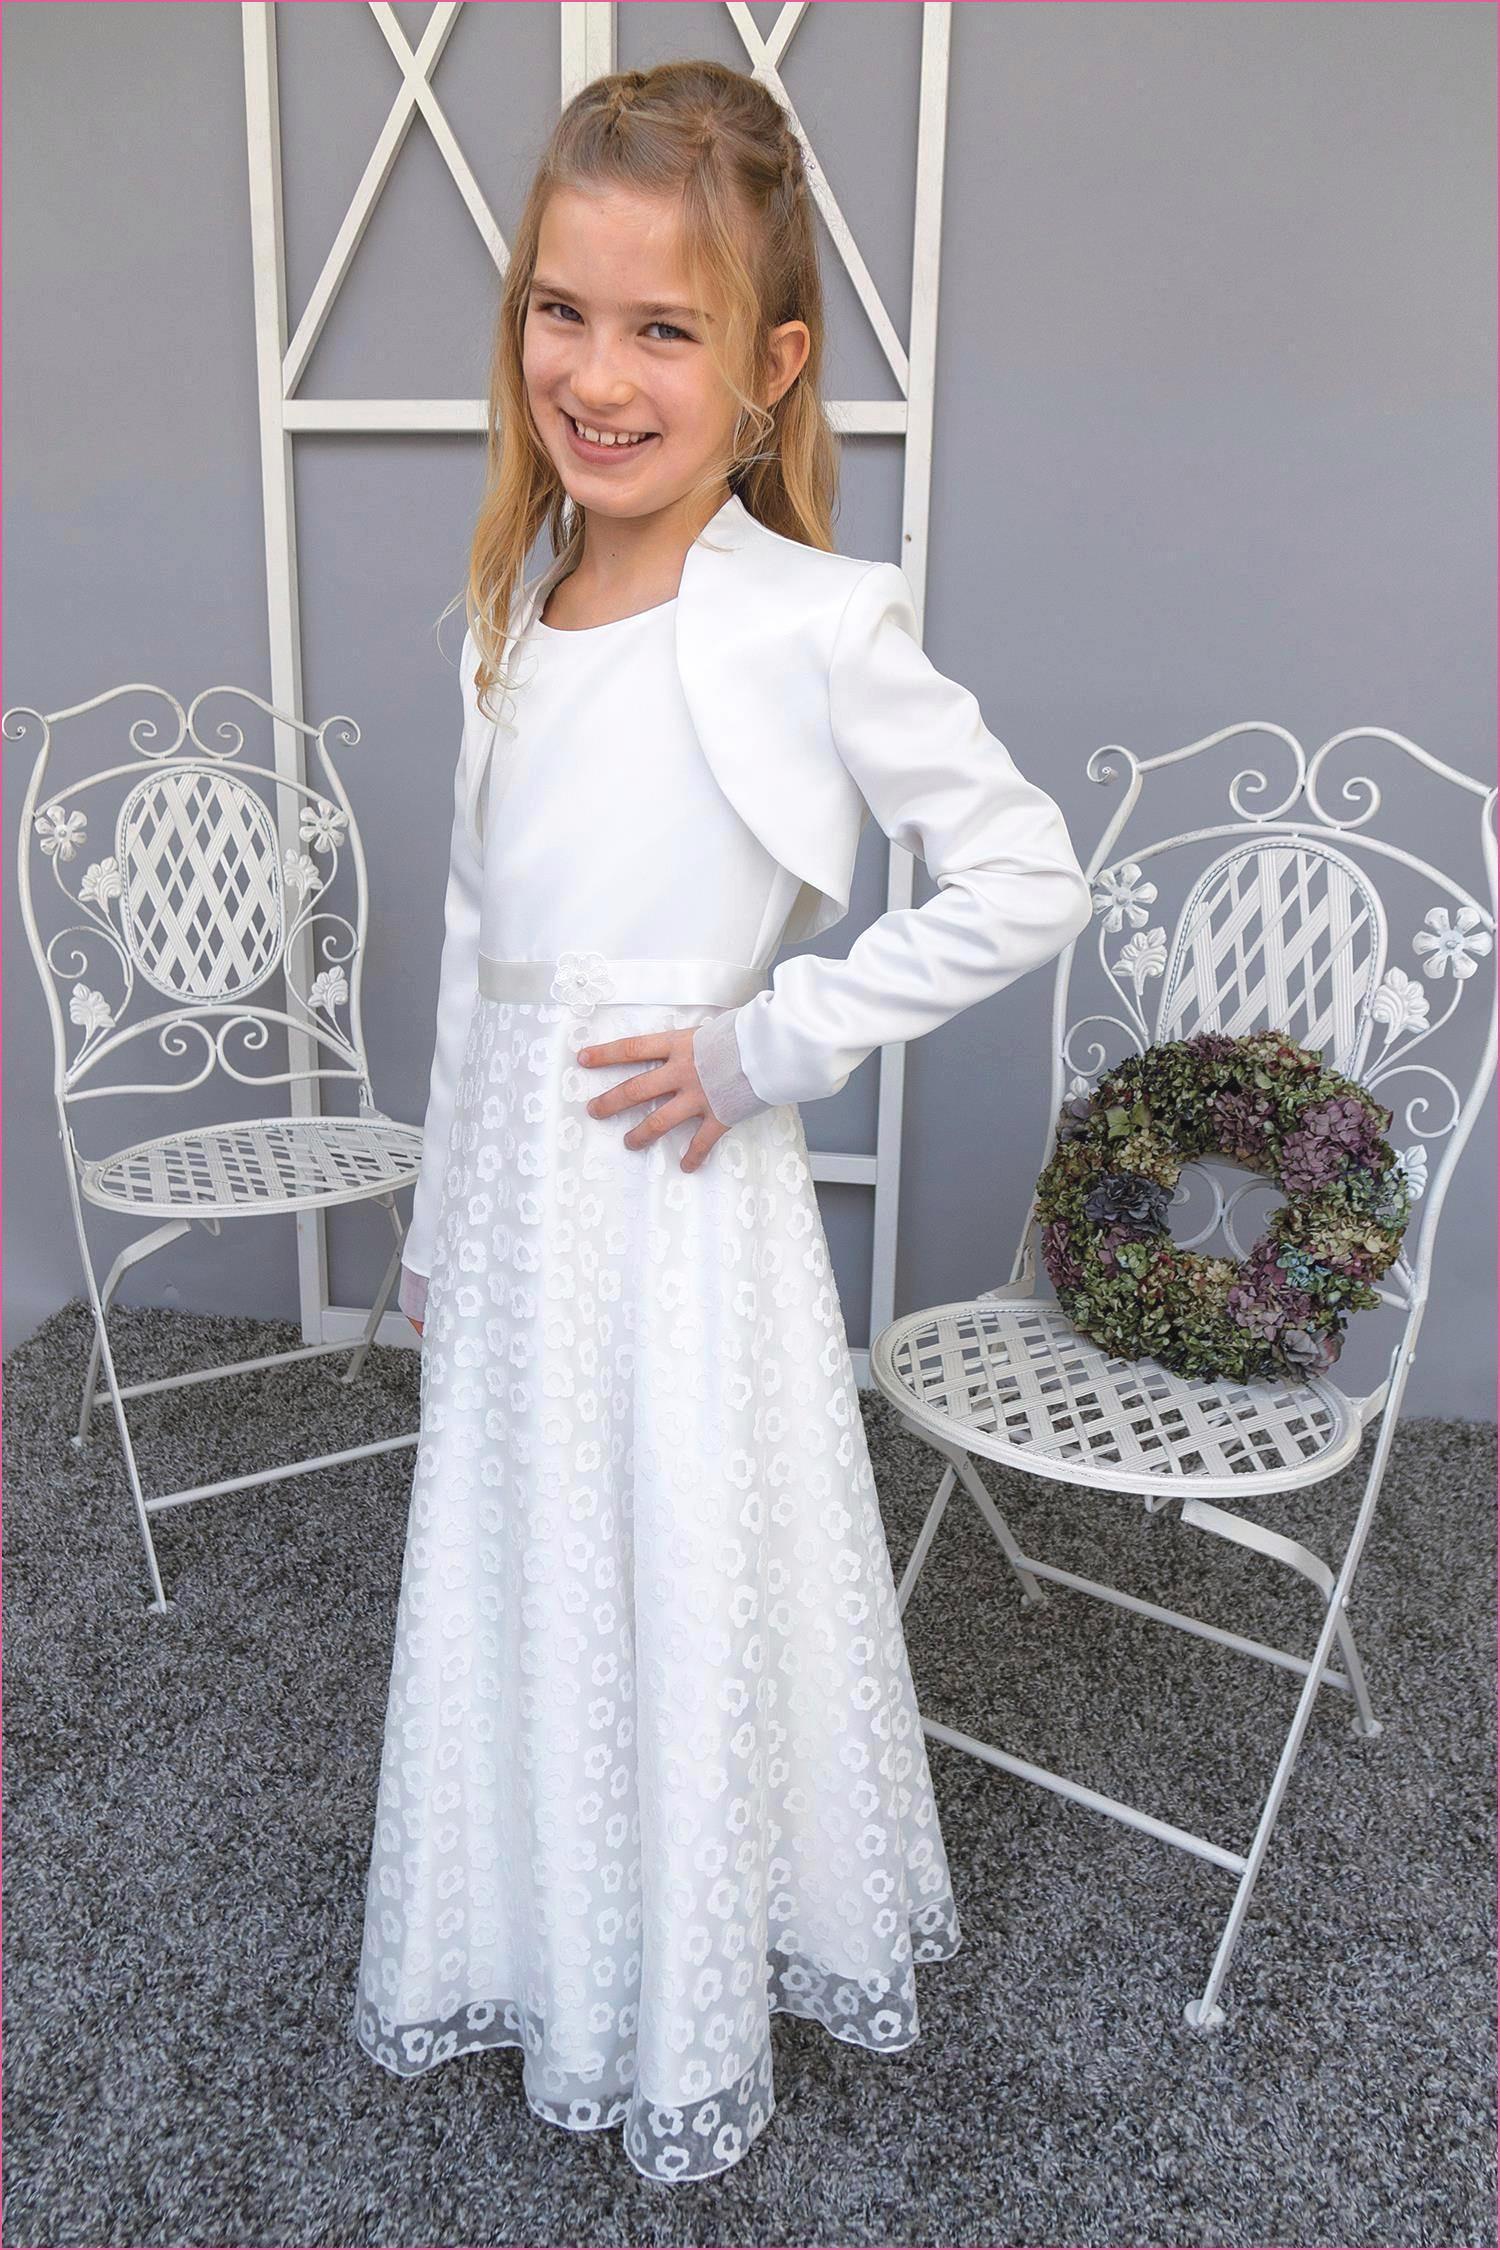 Coolste Schöne Abendkleider Online Bestellen BoutiqueAbend Leicht Schöne Abendkleider Online Bestellen Ärmel